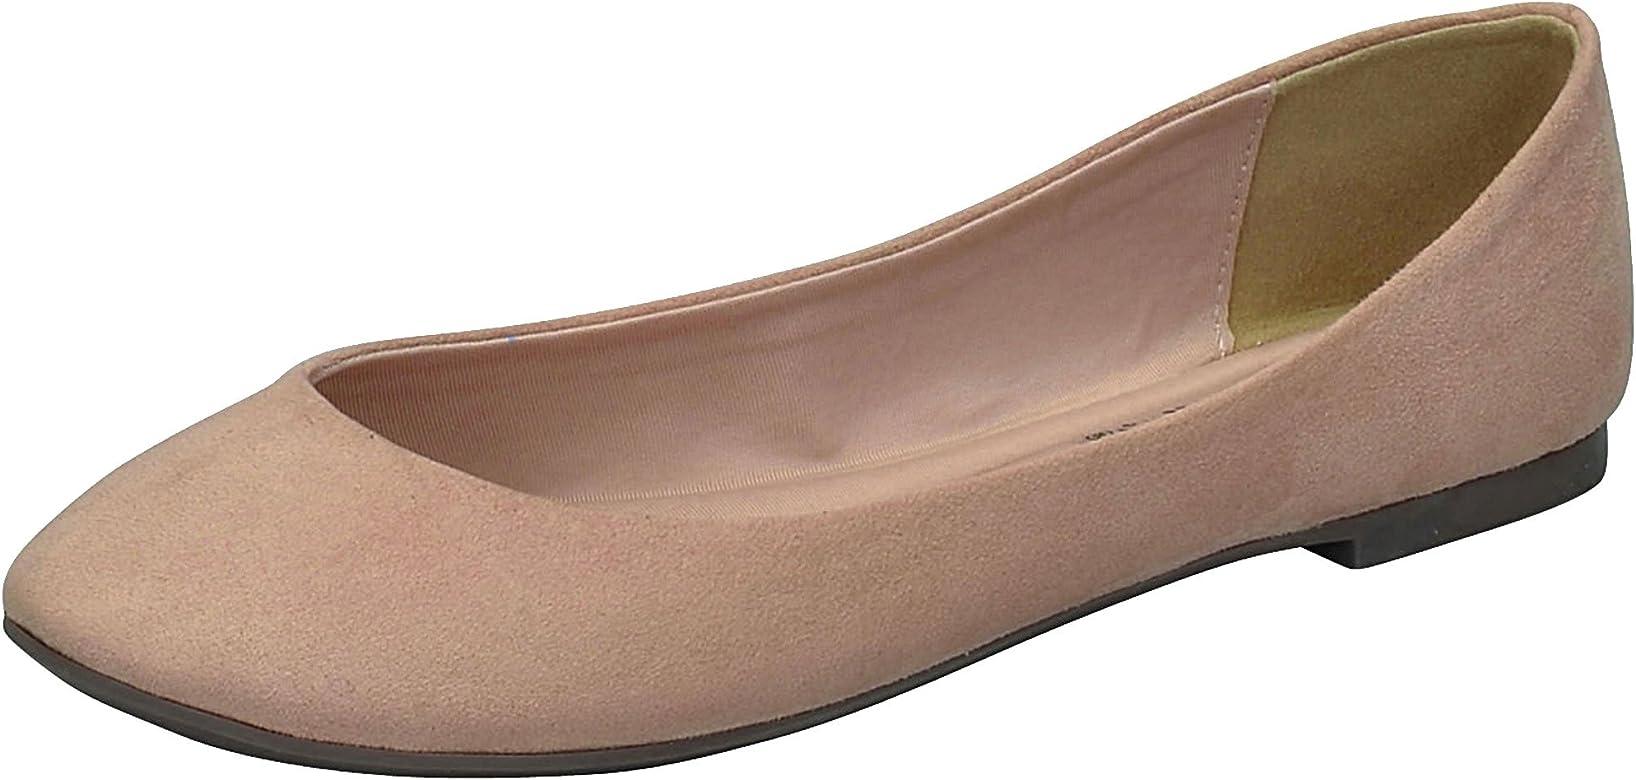 7b923ffdd834c Women's Pointed Toe Slip On Ballet Flats